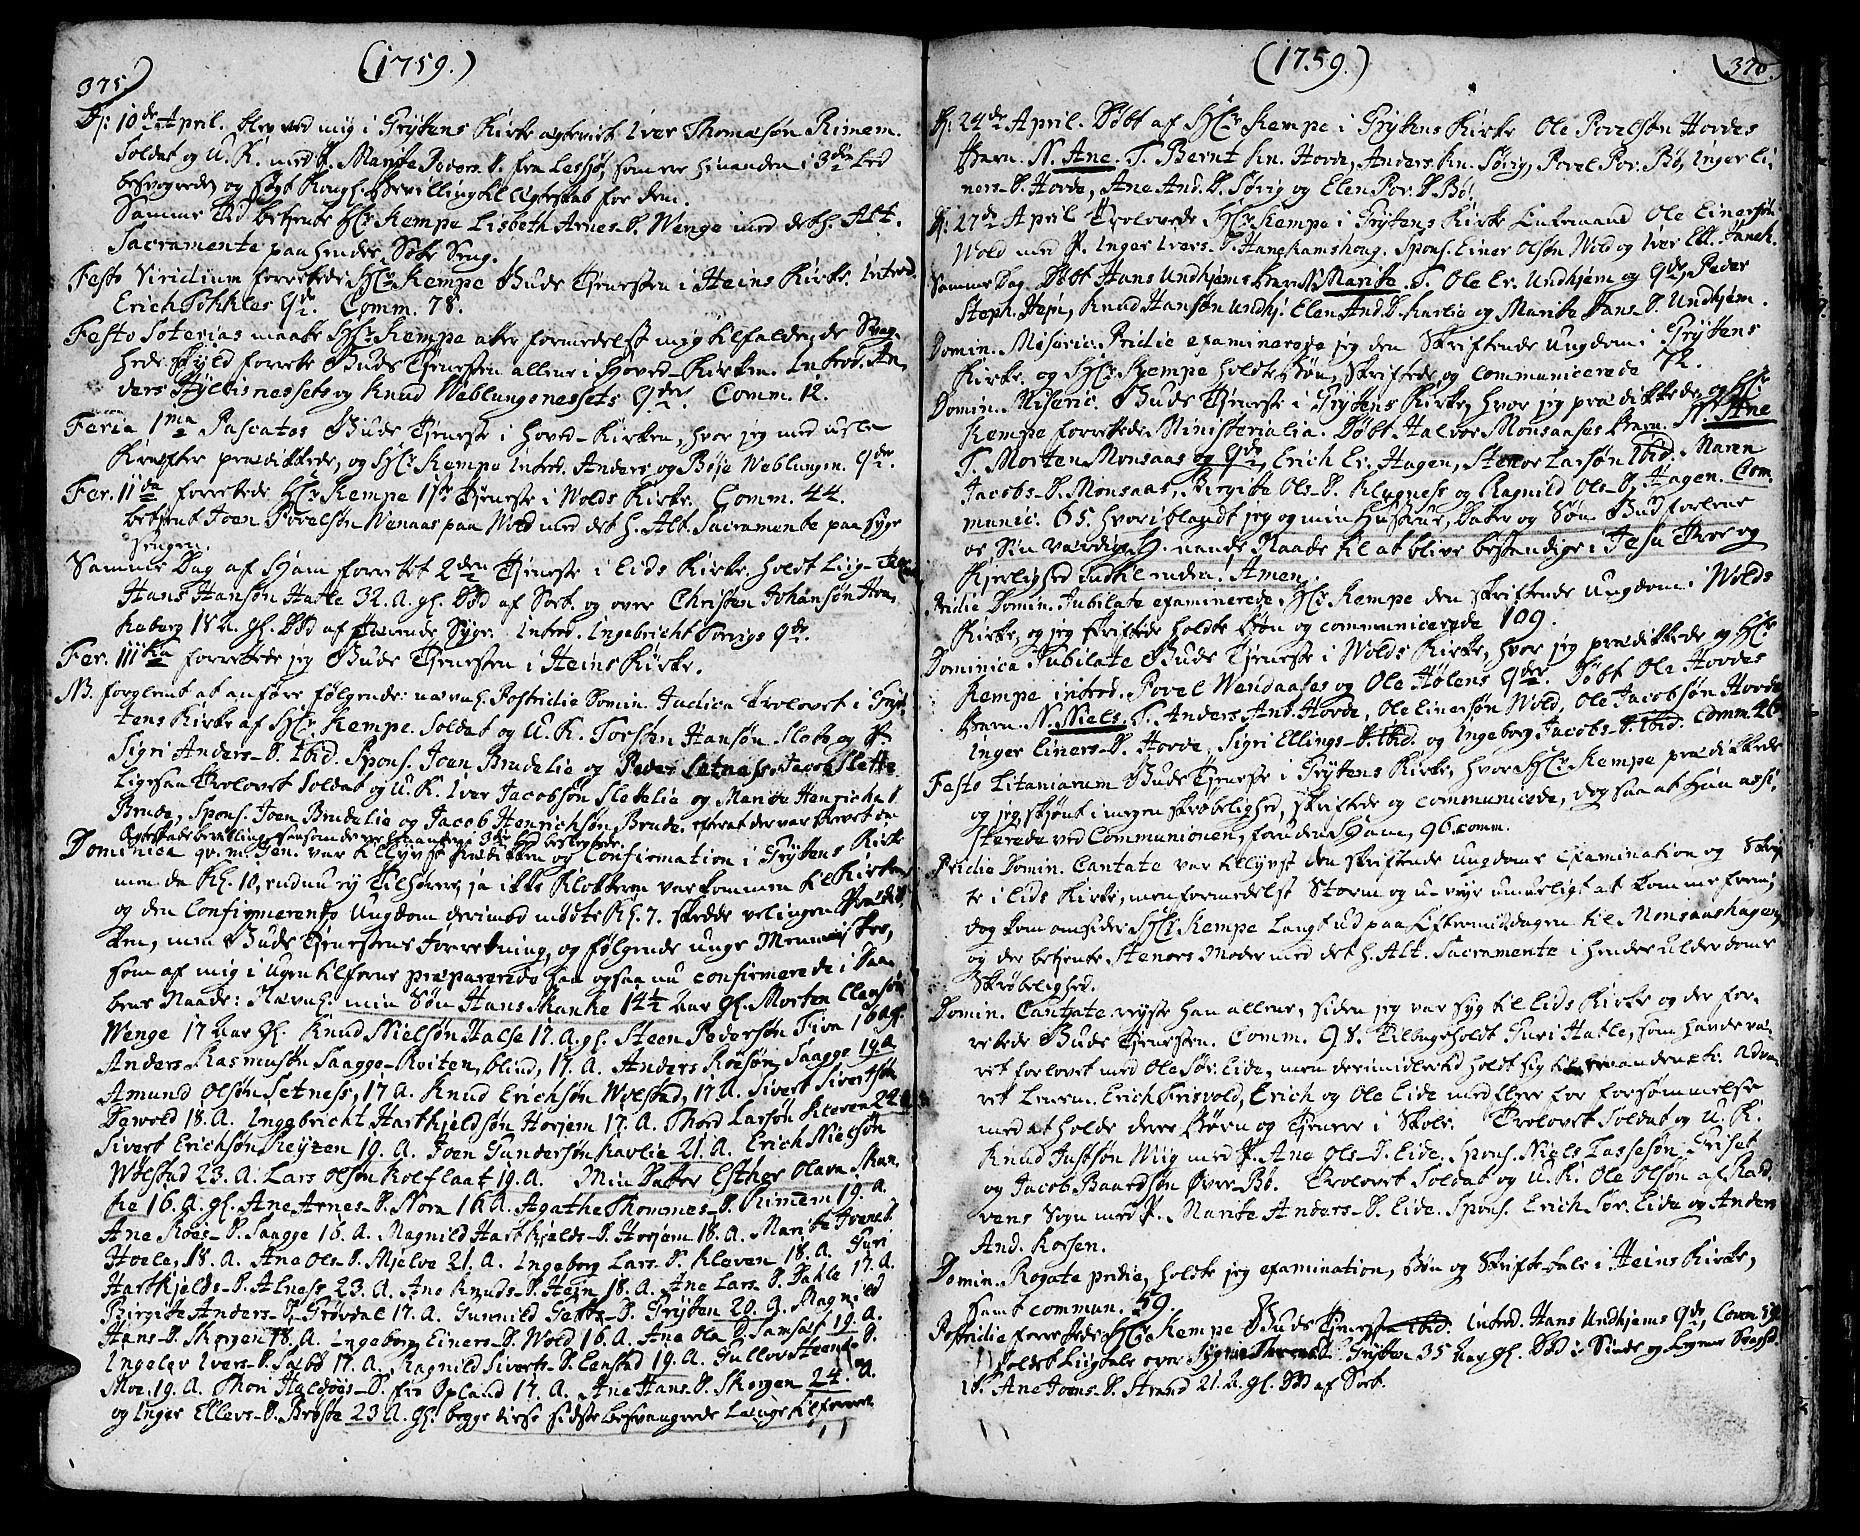 SAT, Ministerialprotokoller, klokkerbøker og fødselsregistre - Møre og Romsdal, 544/L0568: Ministerialbok nr. 544A01, 1725-1763, s. 375-376